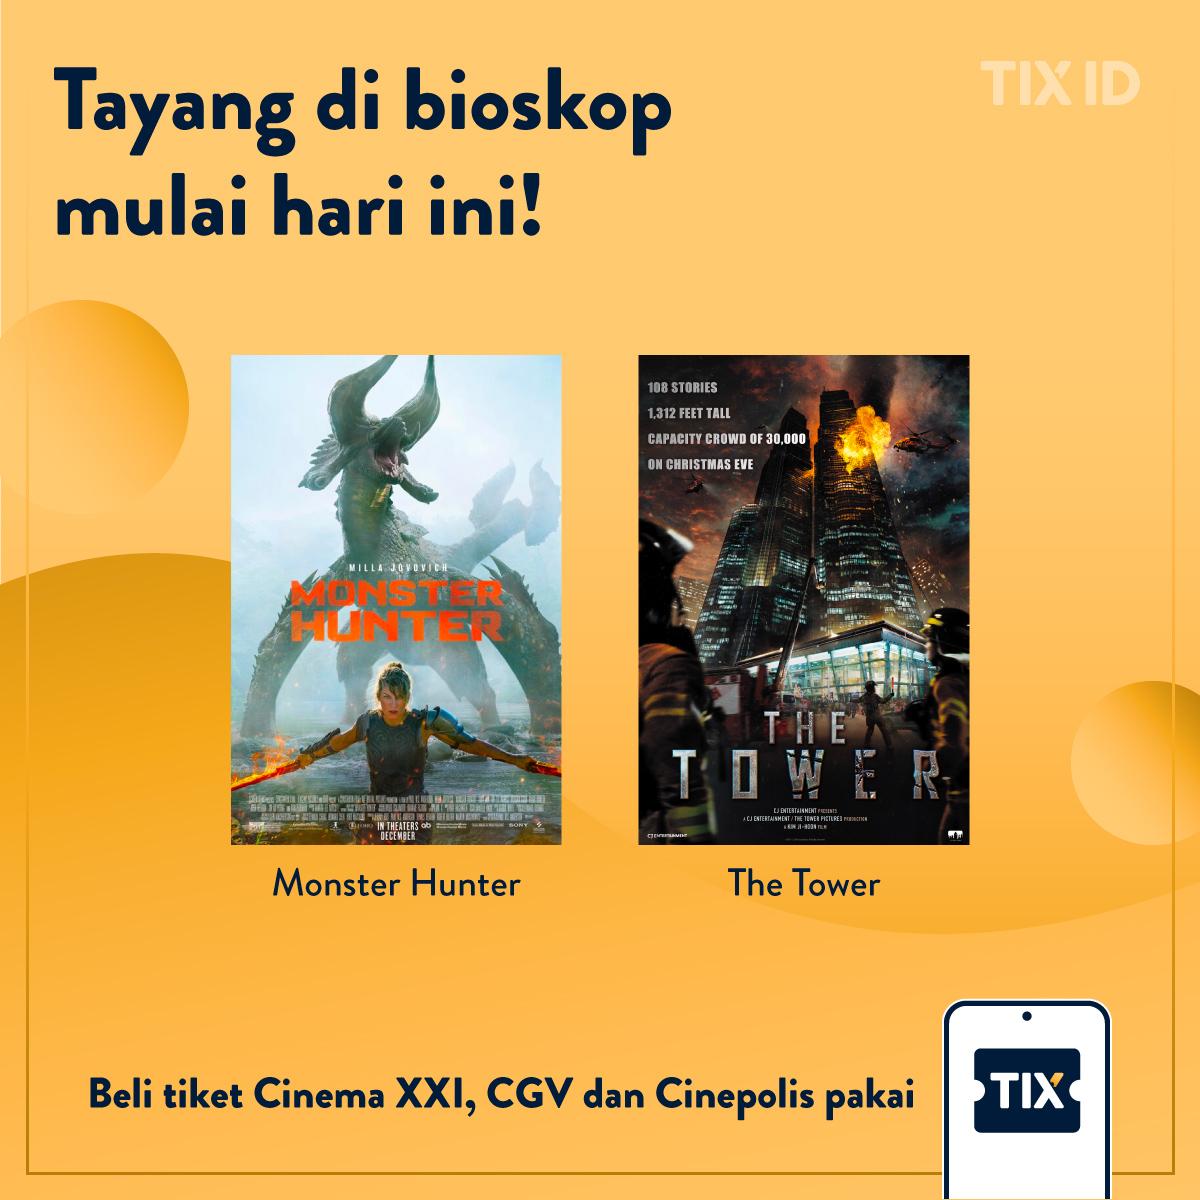 TAYANG MULAI HARI INI! Ada 2 film baru yang tayang hari ini di bioskop-bioskop kesayangan kamu. Inget, selalu ikutin protokol kesehatan yang ada yaa biar suasana menonton kamu lebih nyaman! . #filmbaru #infofilm #kembalikebioskop #nontonfilm #MonsterHunterMovieID #TheTower